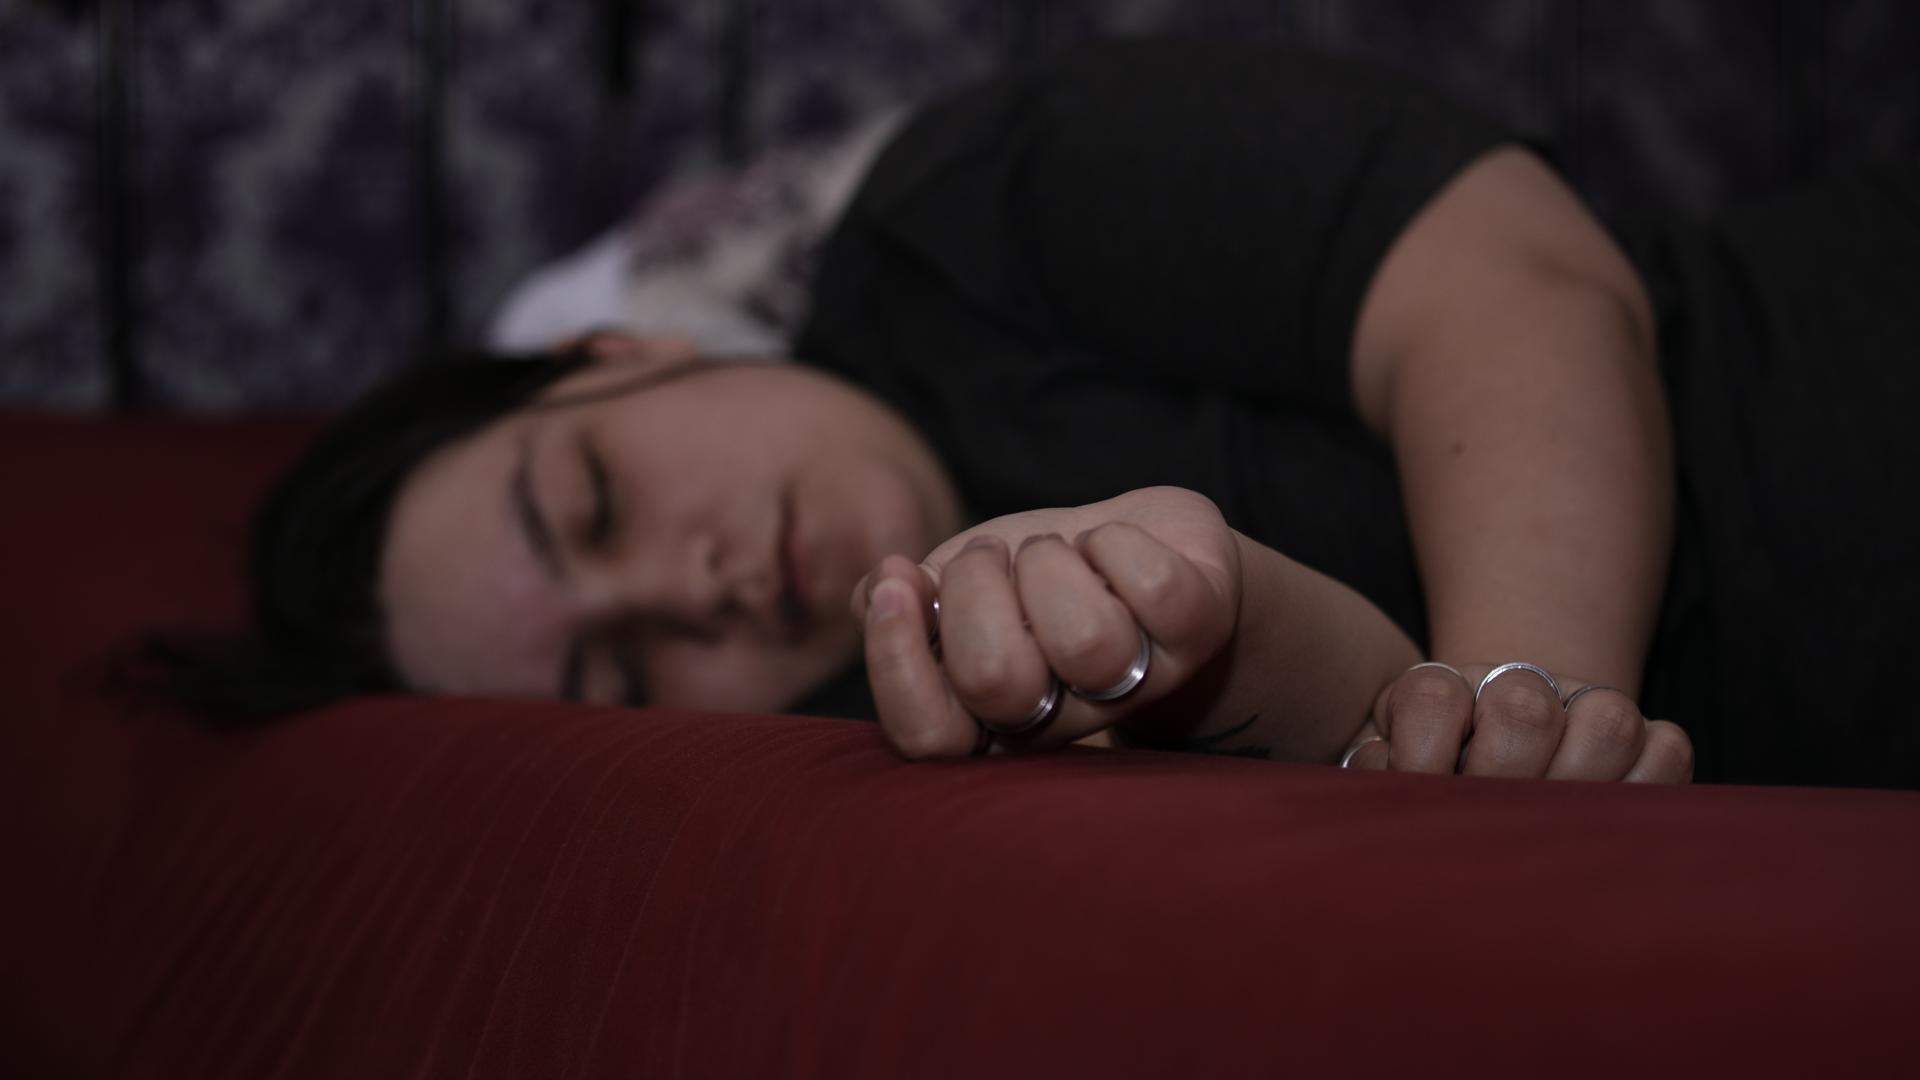 Keara Sleepyfetish